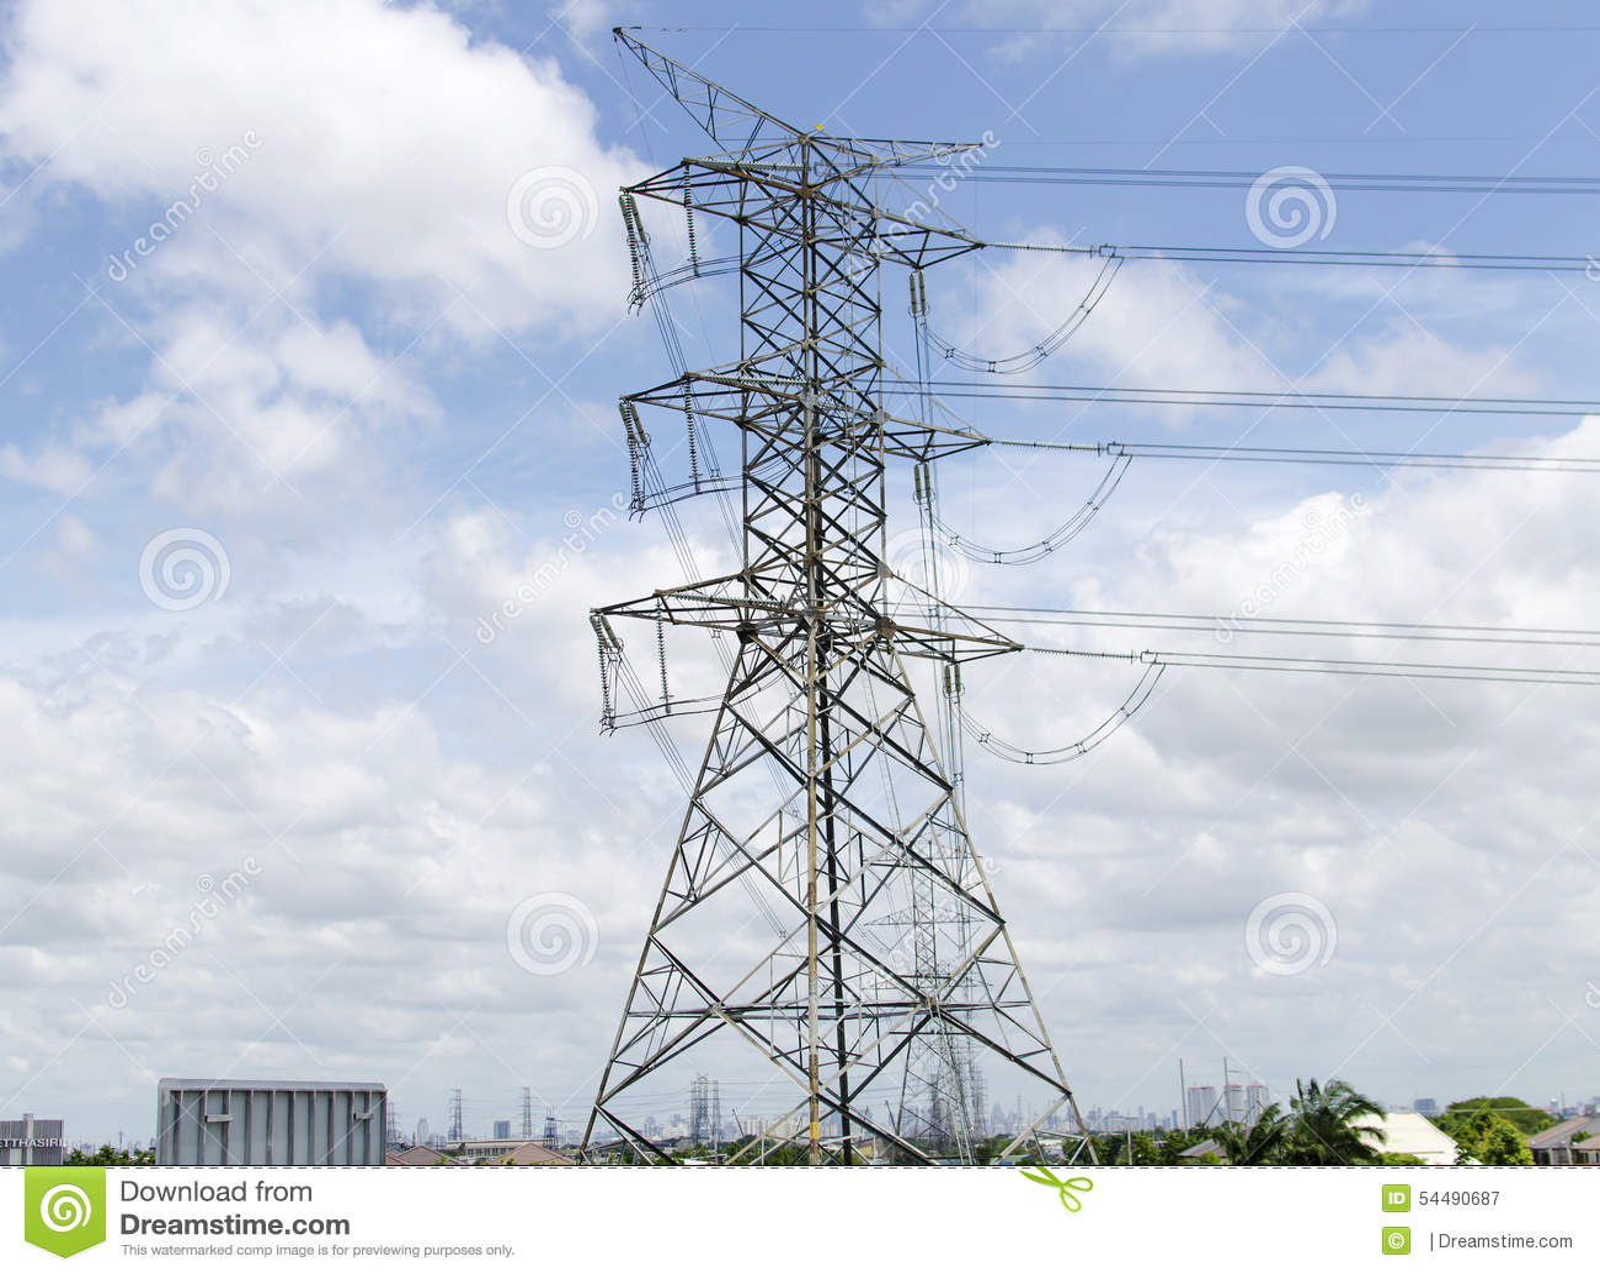 electric power transmission essay Wireless power transmission essay propagation of electromagnetic waves to electromagnetic power hypothetically, the epicenter of the wireless power transmission.